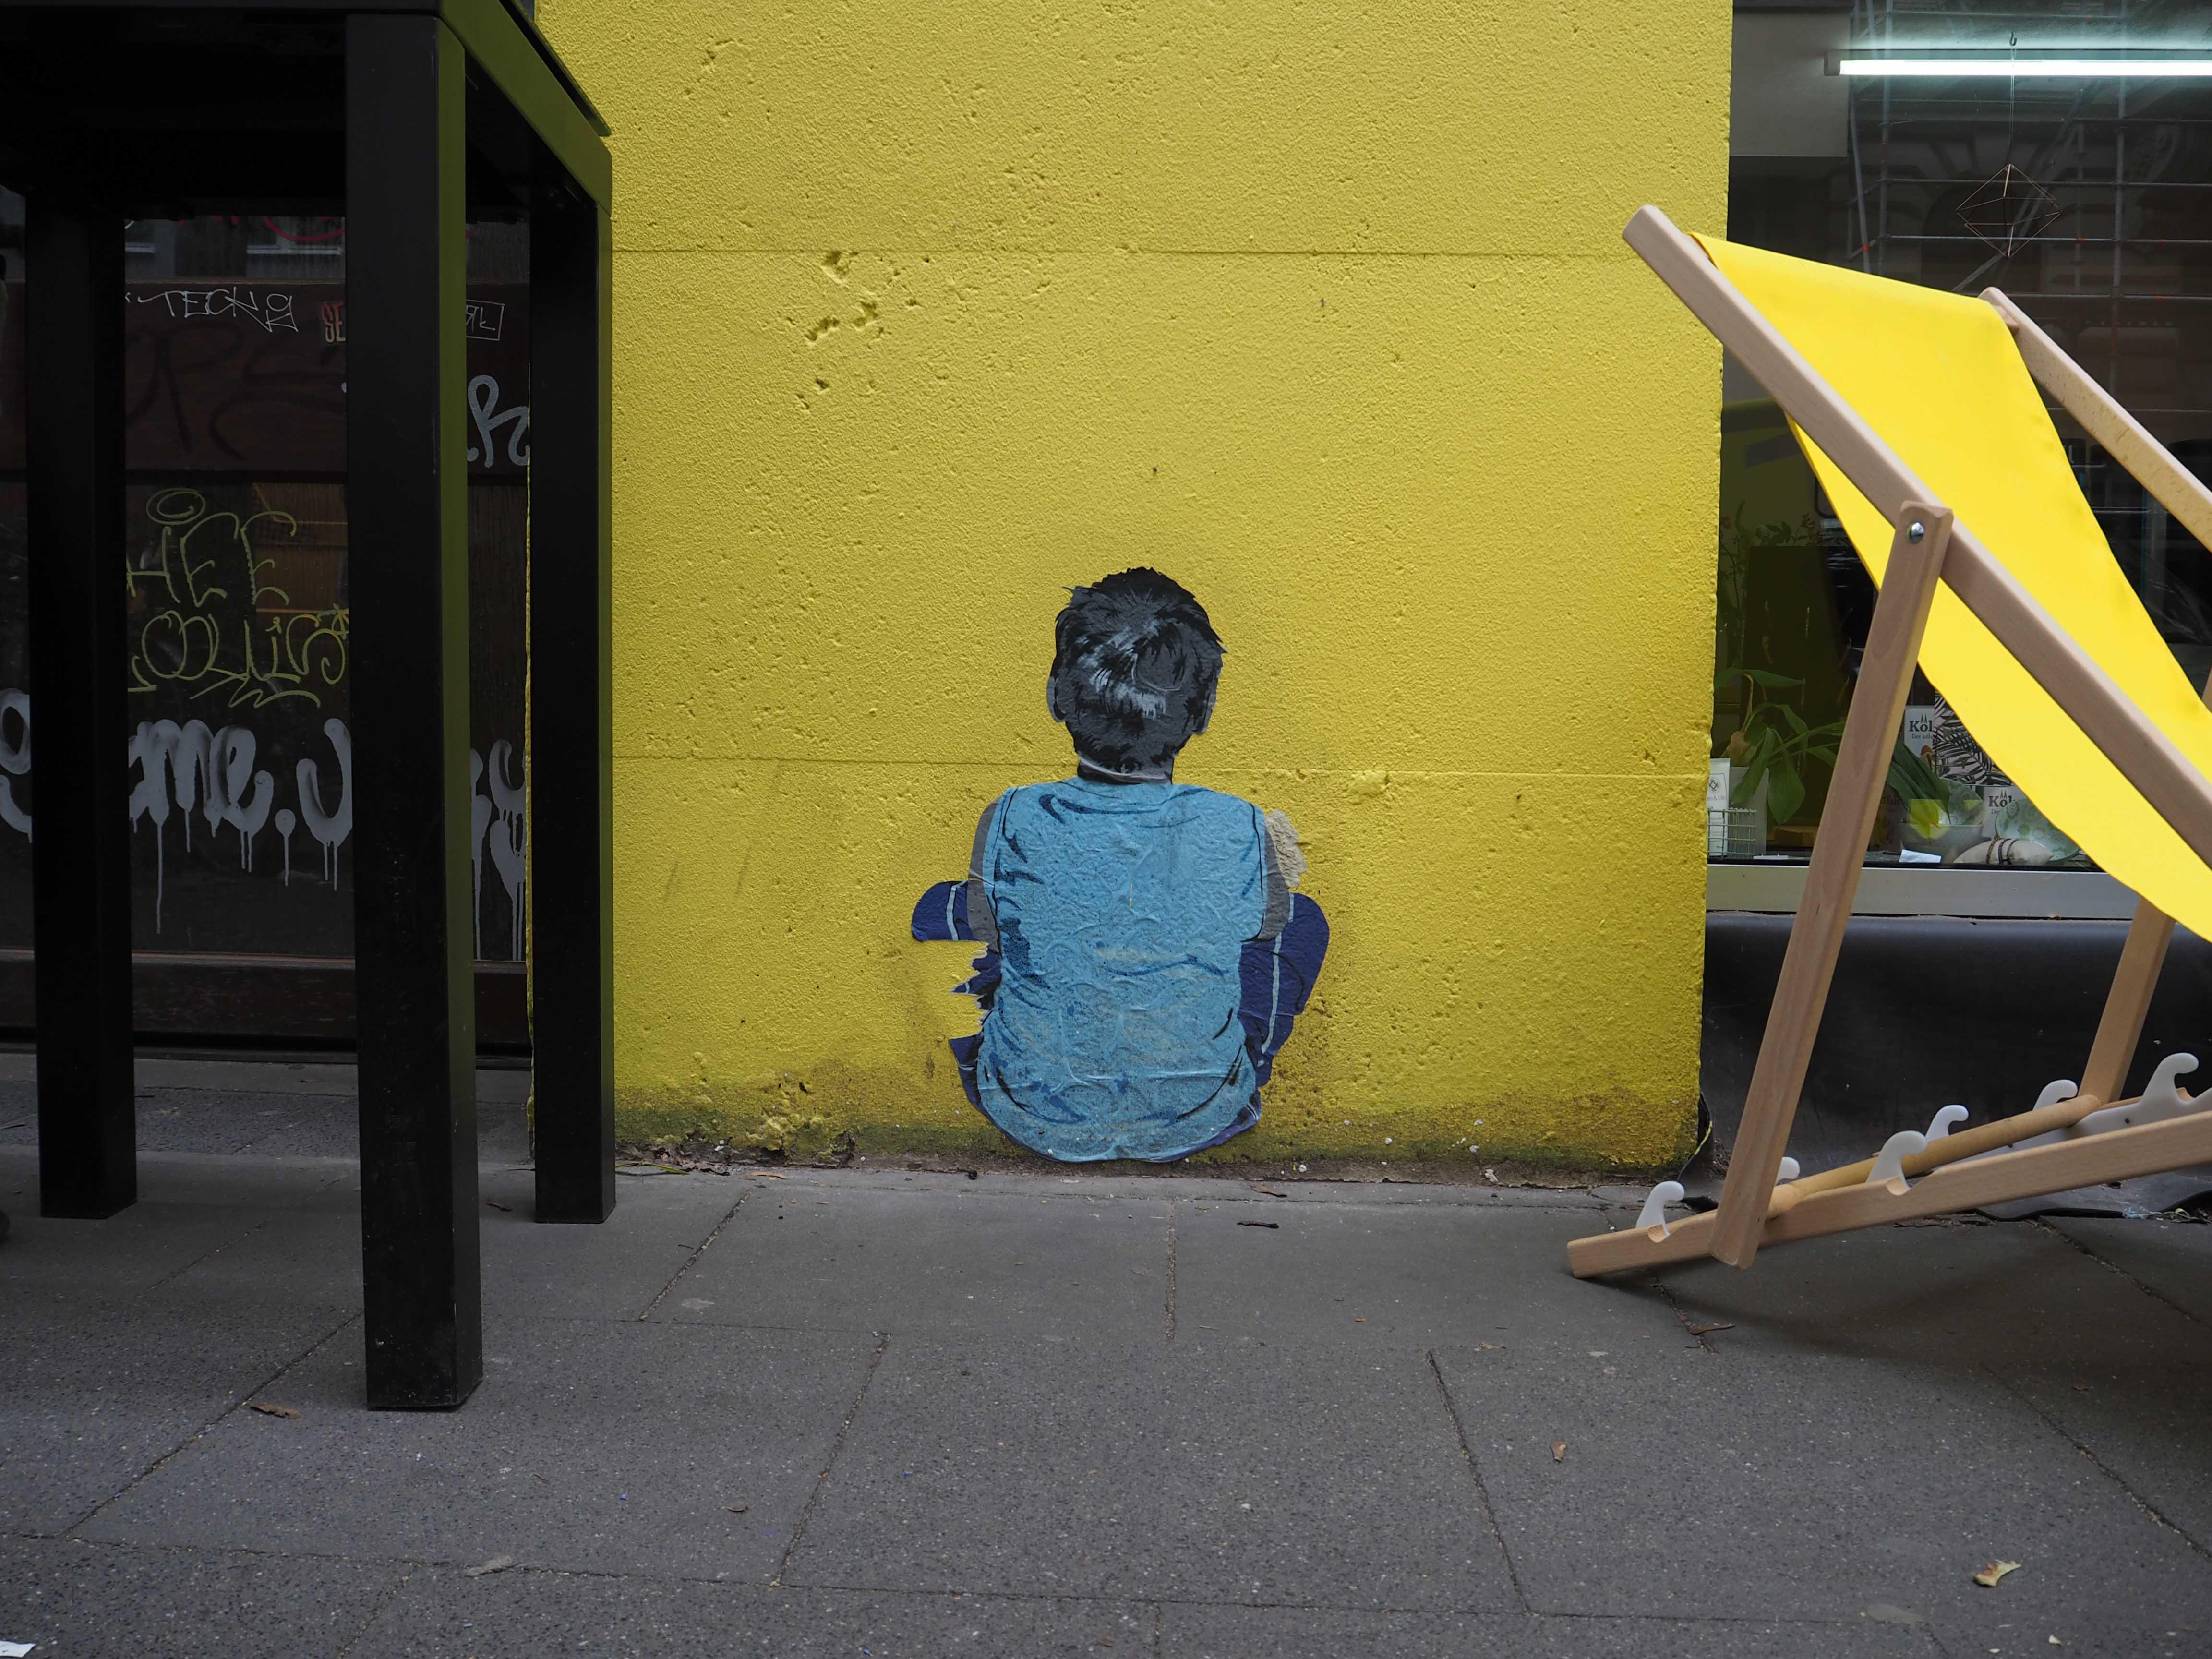 ein Junge sitzt von hinten dargestellt auf einer gelben Wand, Bild von Lei Leise